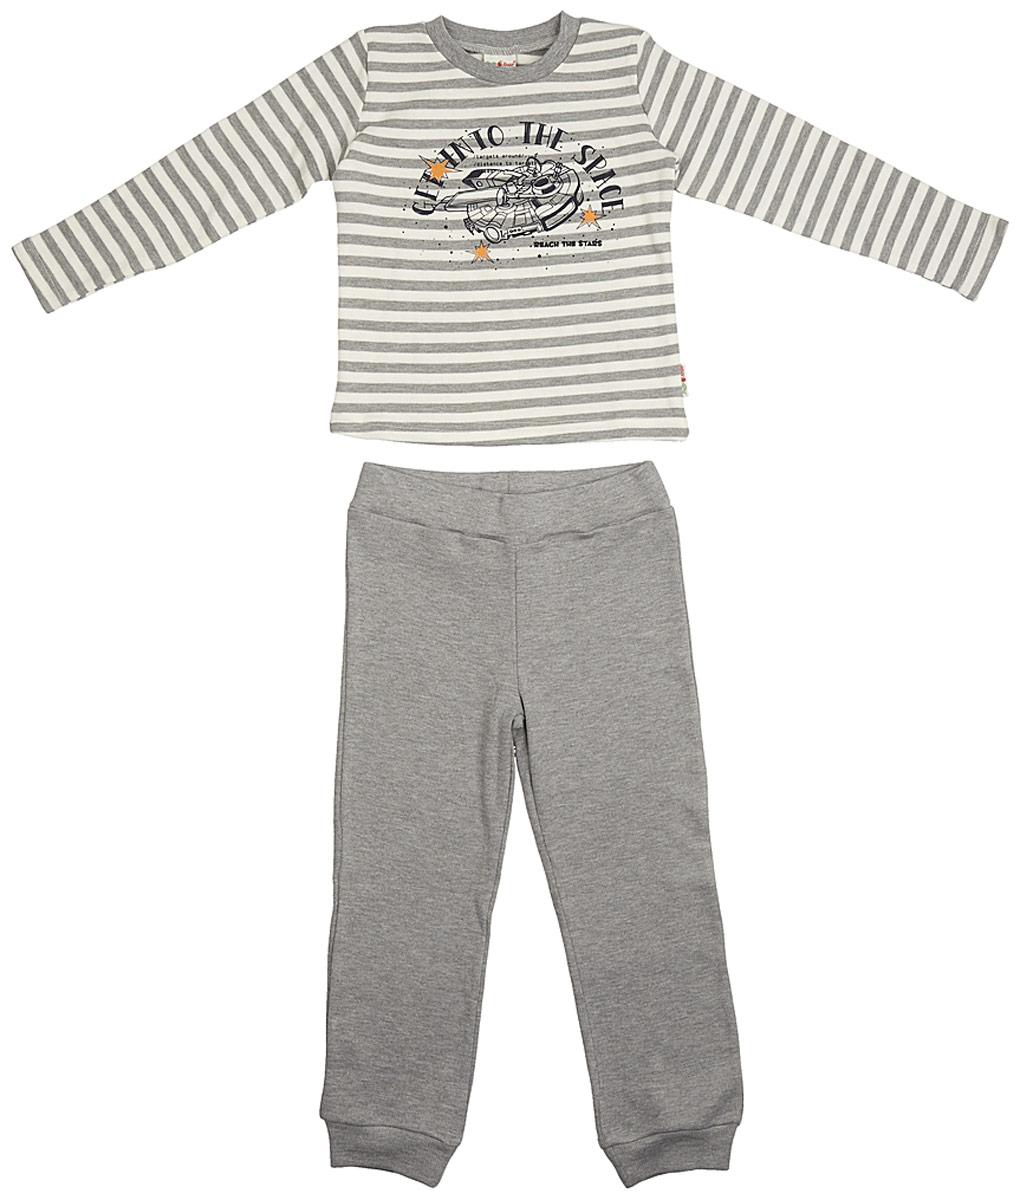 Пижама для мальчика Frutto Rosso, цвет: темно-серый меланж. FRB72112 . Размер 116 пижамы и ночные сорочки lalababy пижама для мальчика длинный рукав кофточка и штанишки little men